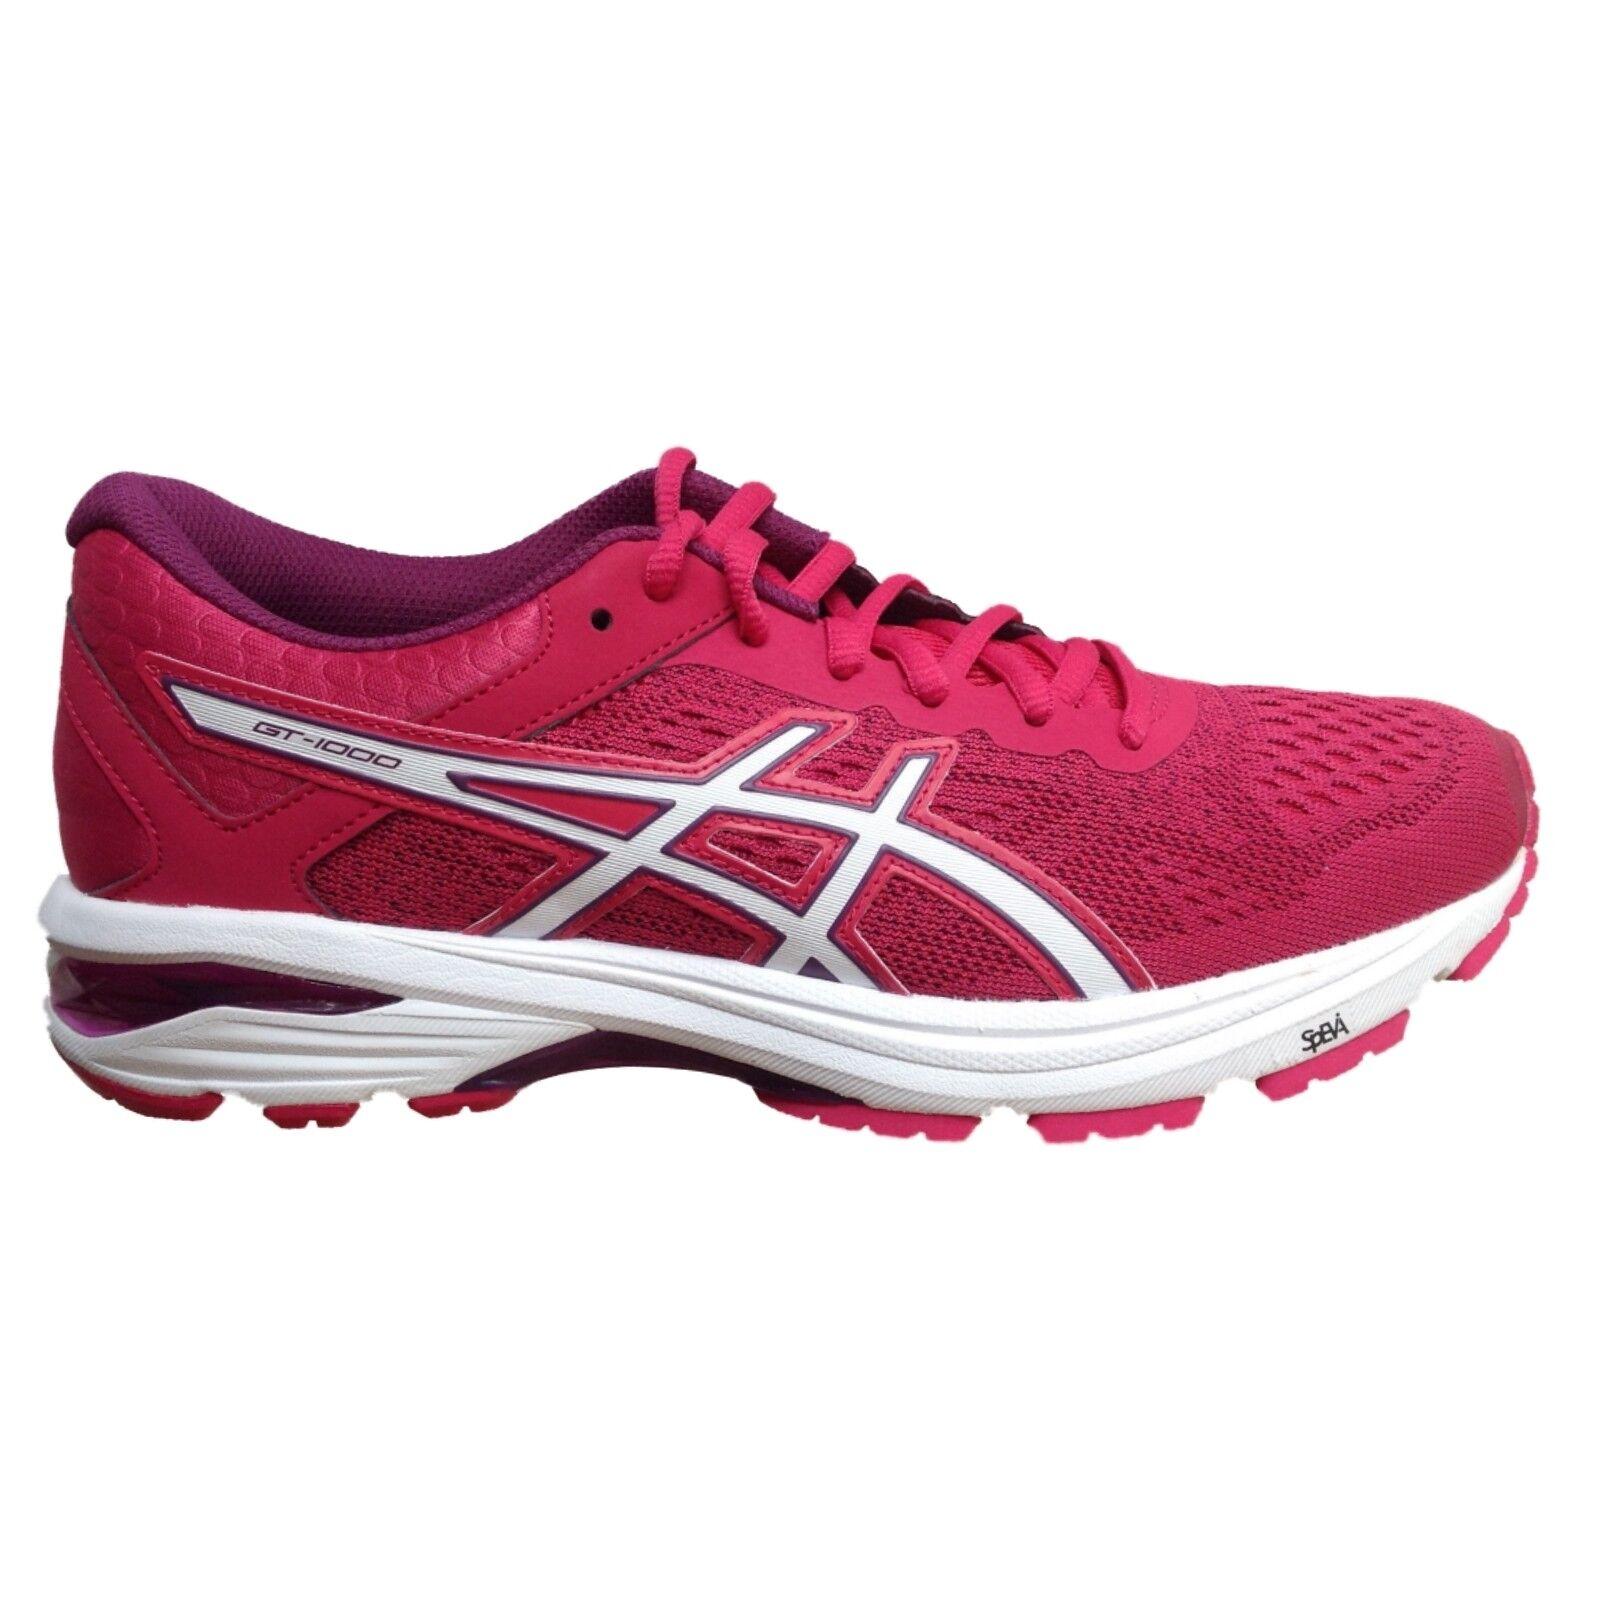 Asics zapatillas aerobic running gt-1000 6